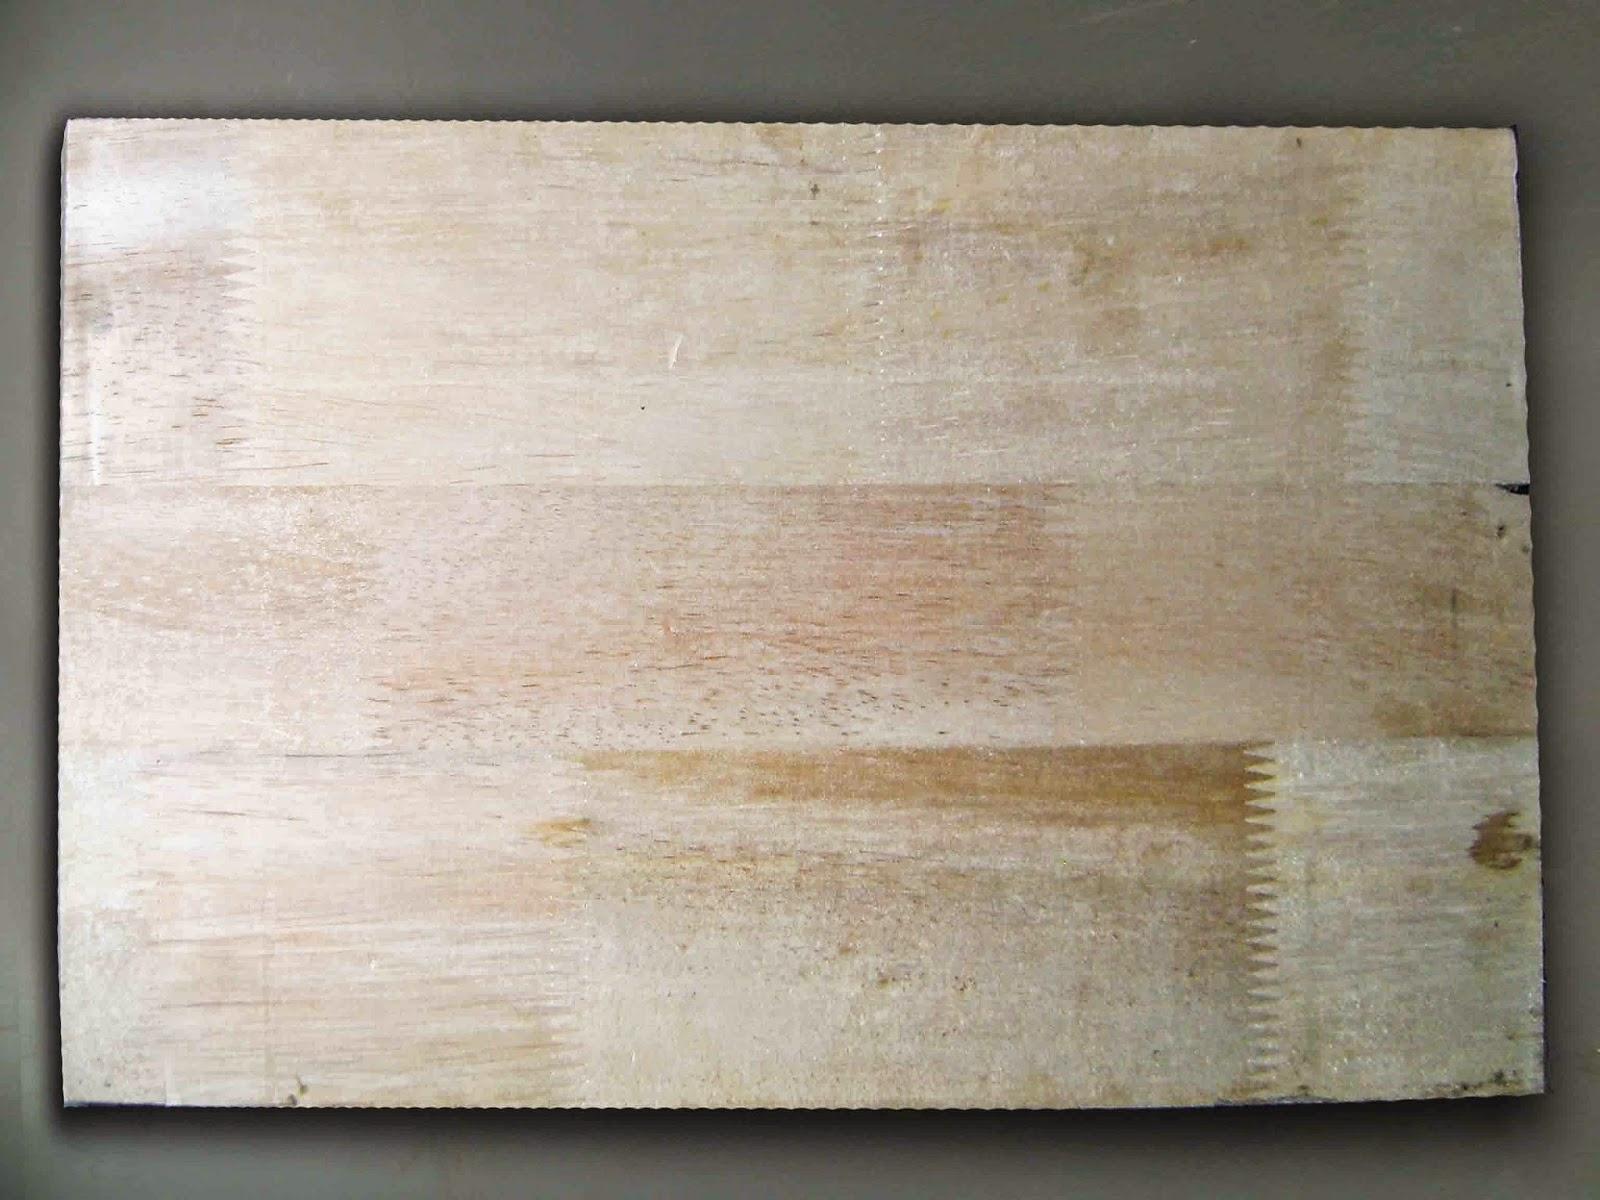 Meranti 淺紅美蘭地 Finger Joint Laminated Board